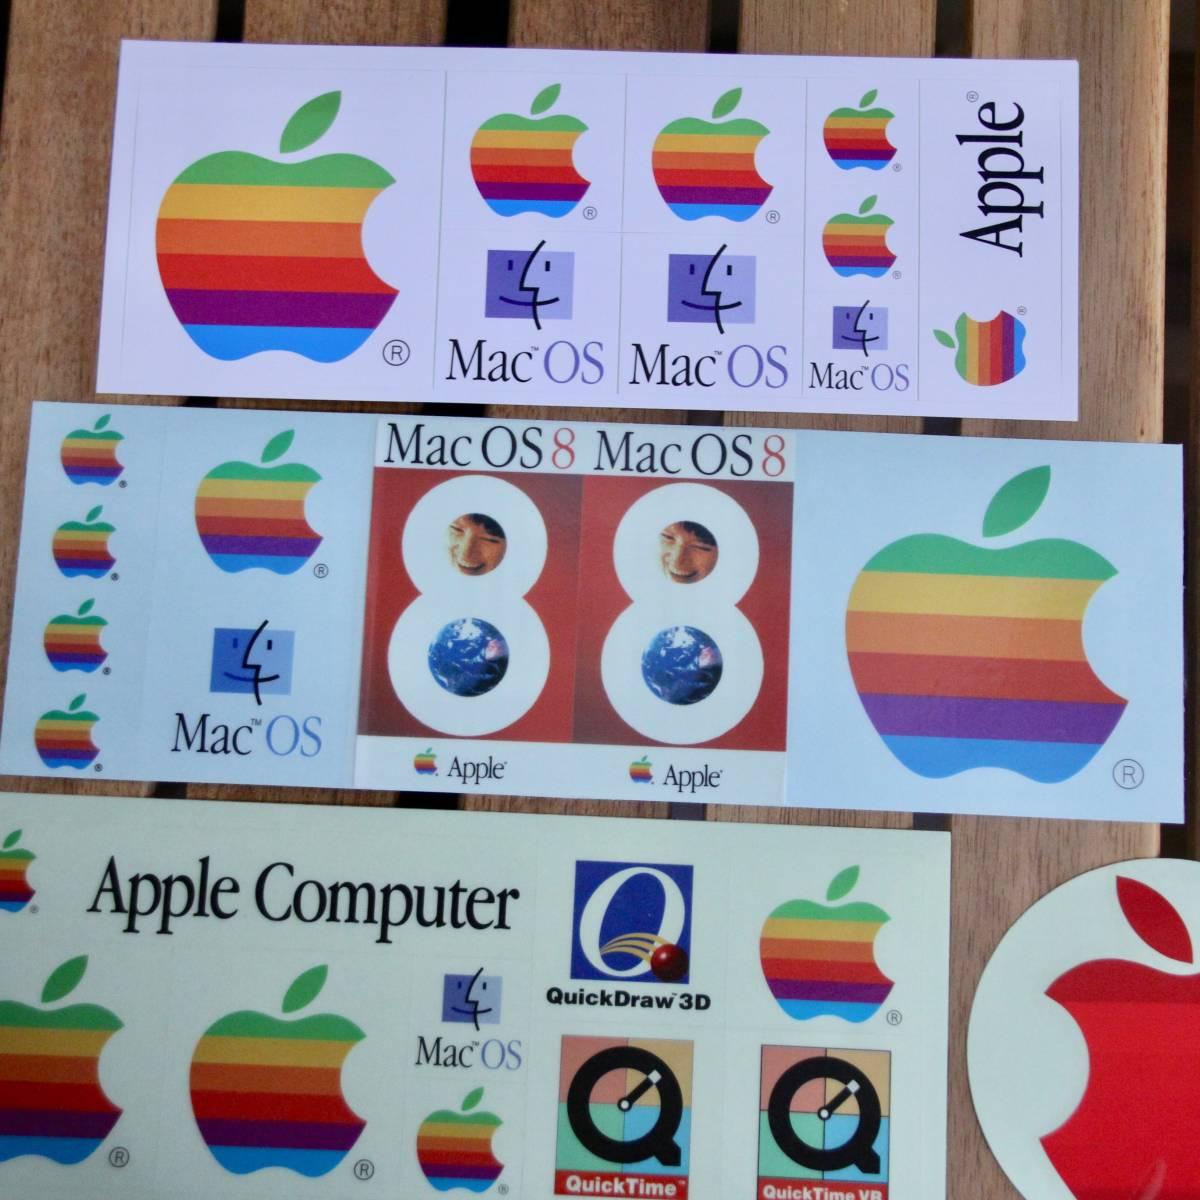 デッドストック Apple Computer アップル コンピューター レインボー ロゴ Mac OS ステッカーセット 非売品 ノベルティー Think Different_画像2